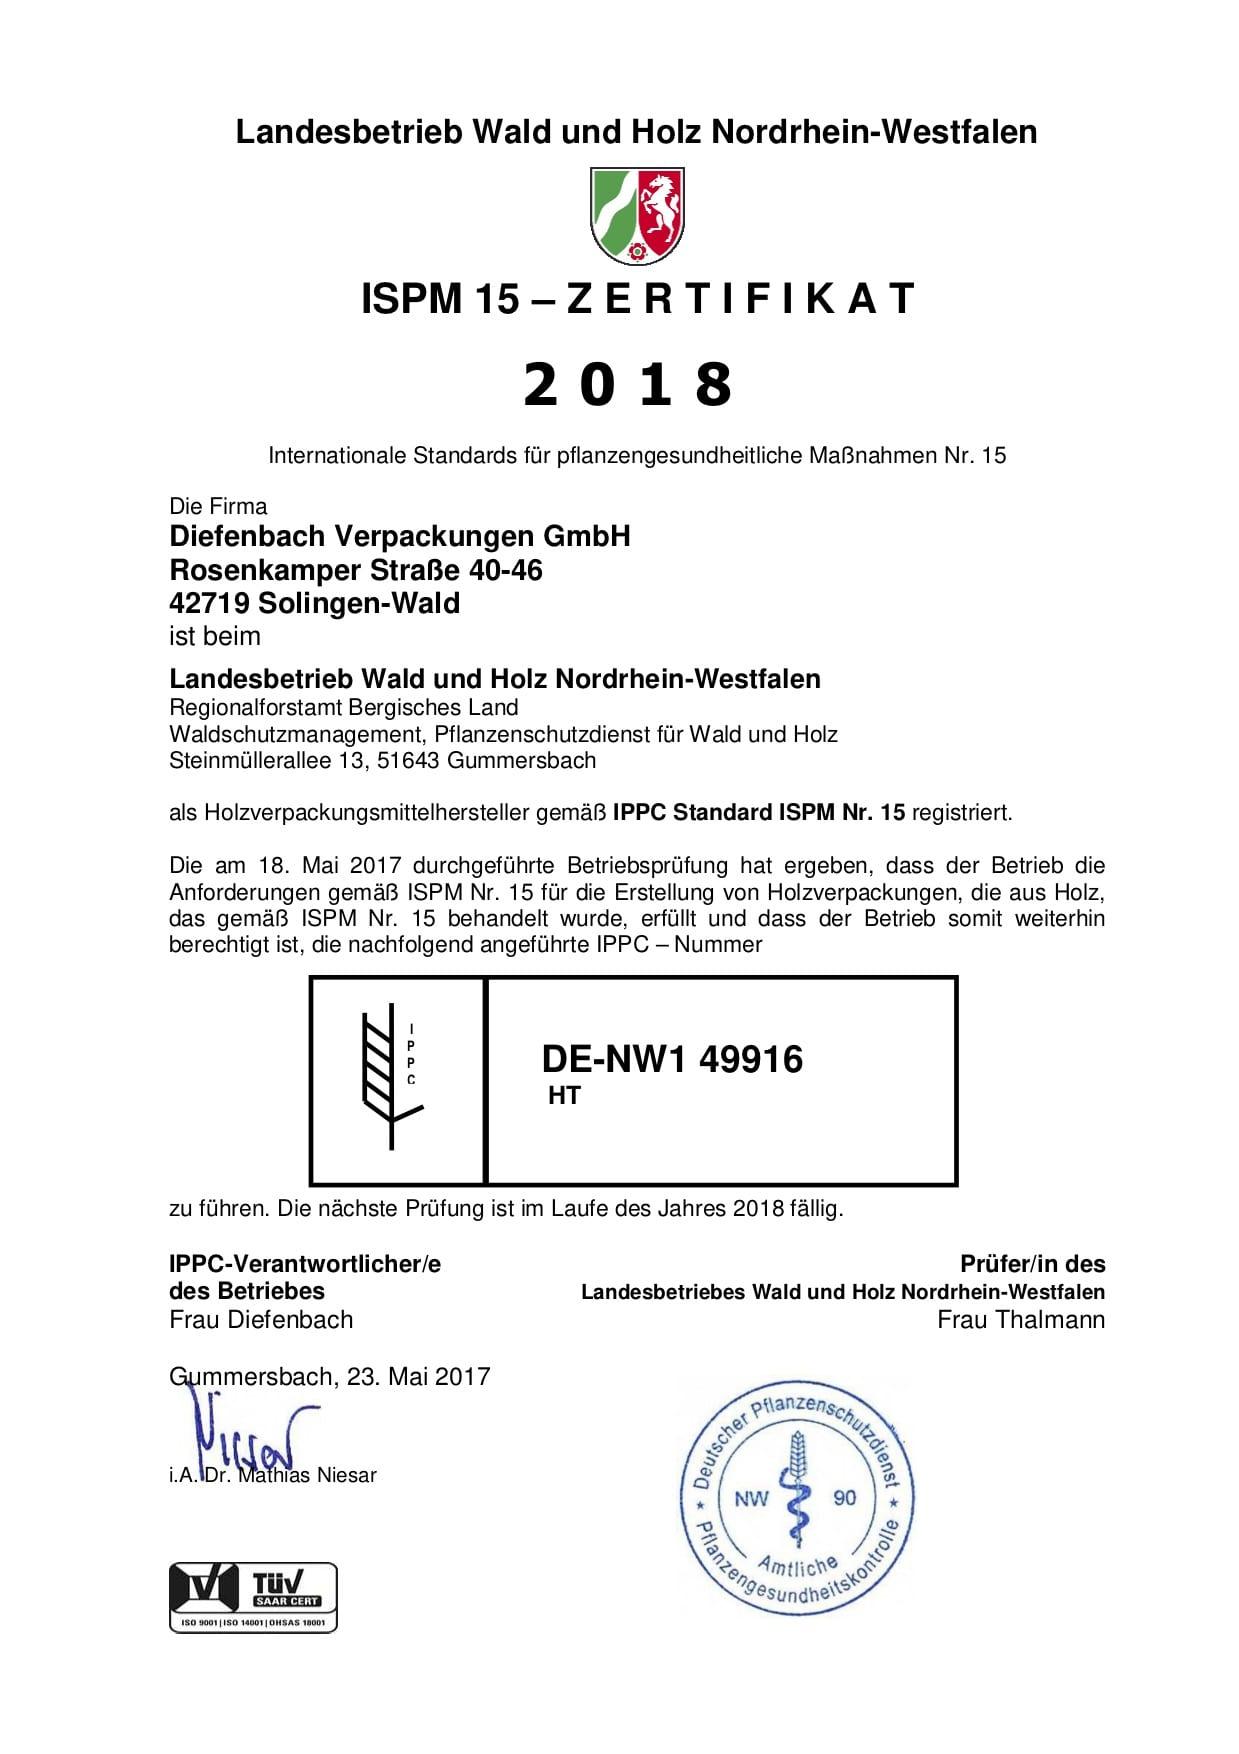 ISPM 15 Zertifikat 2018 für Diefenbach Verpackungen